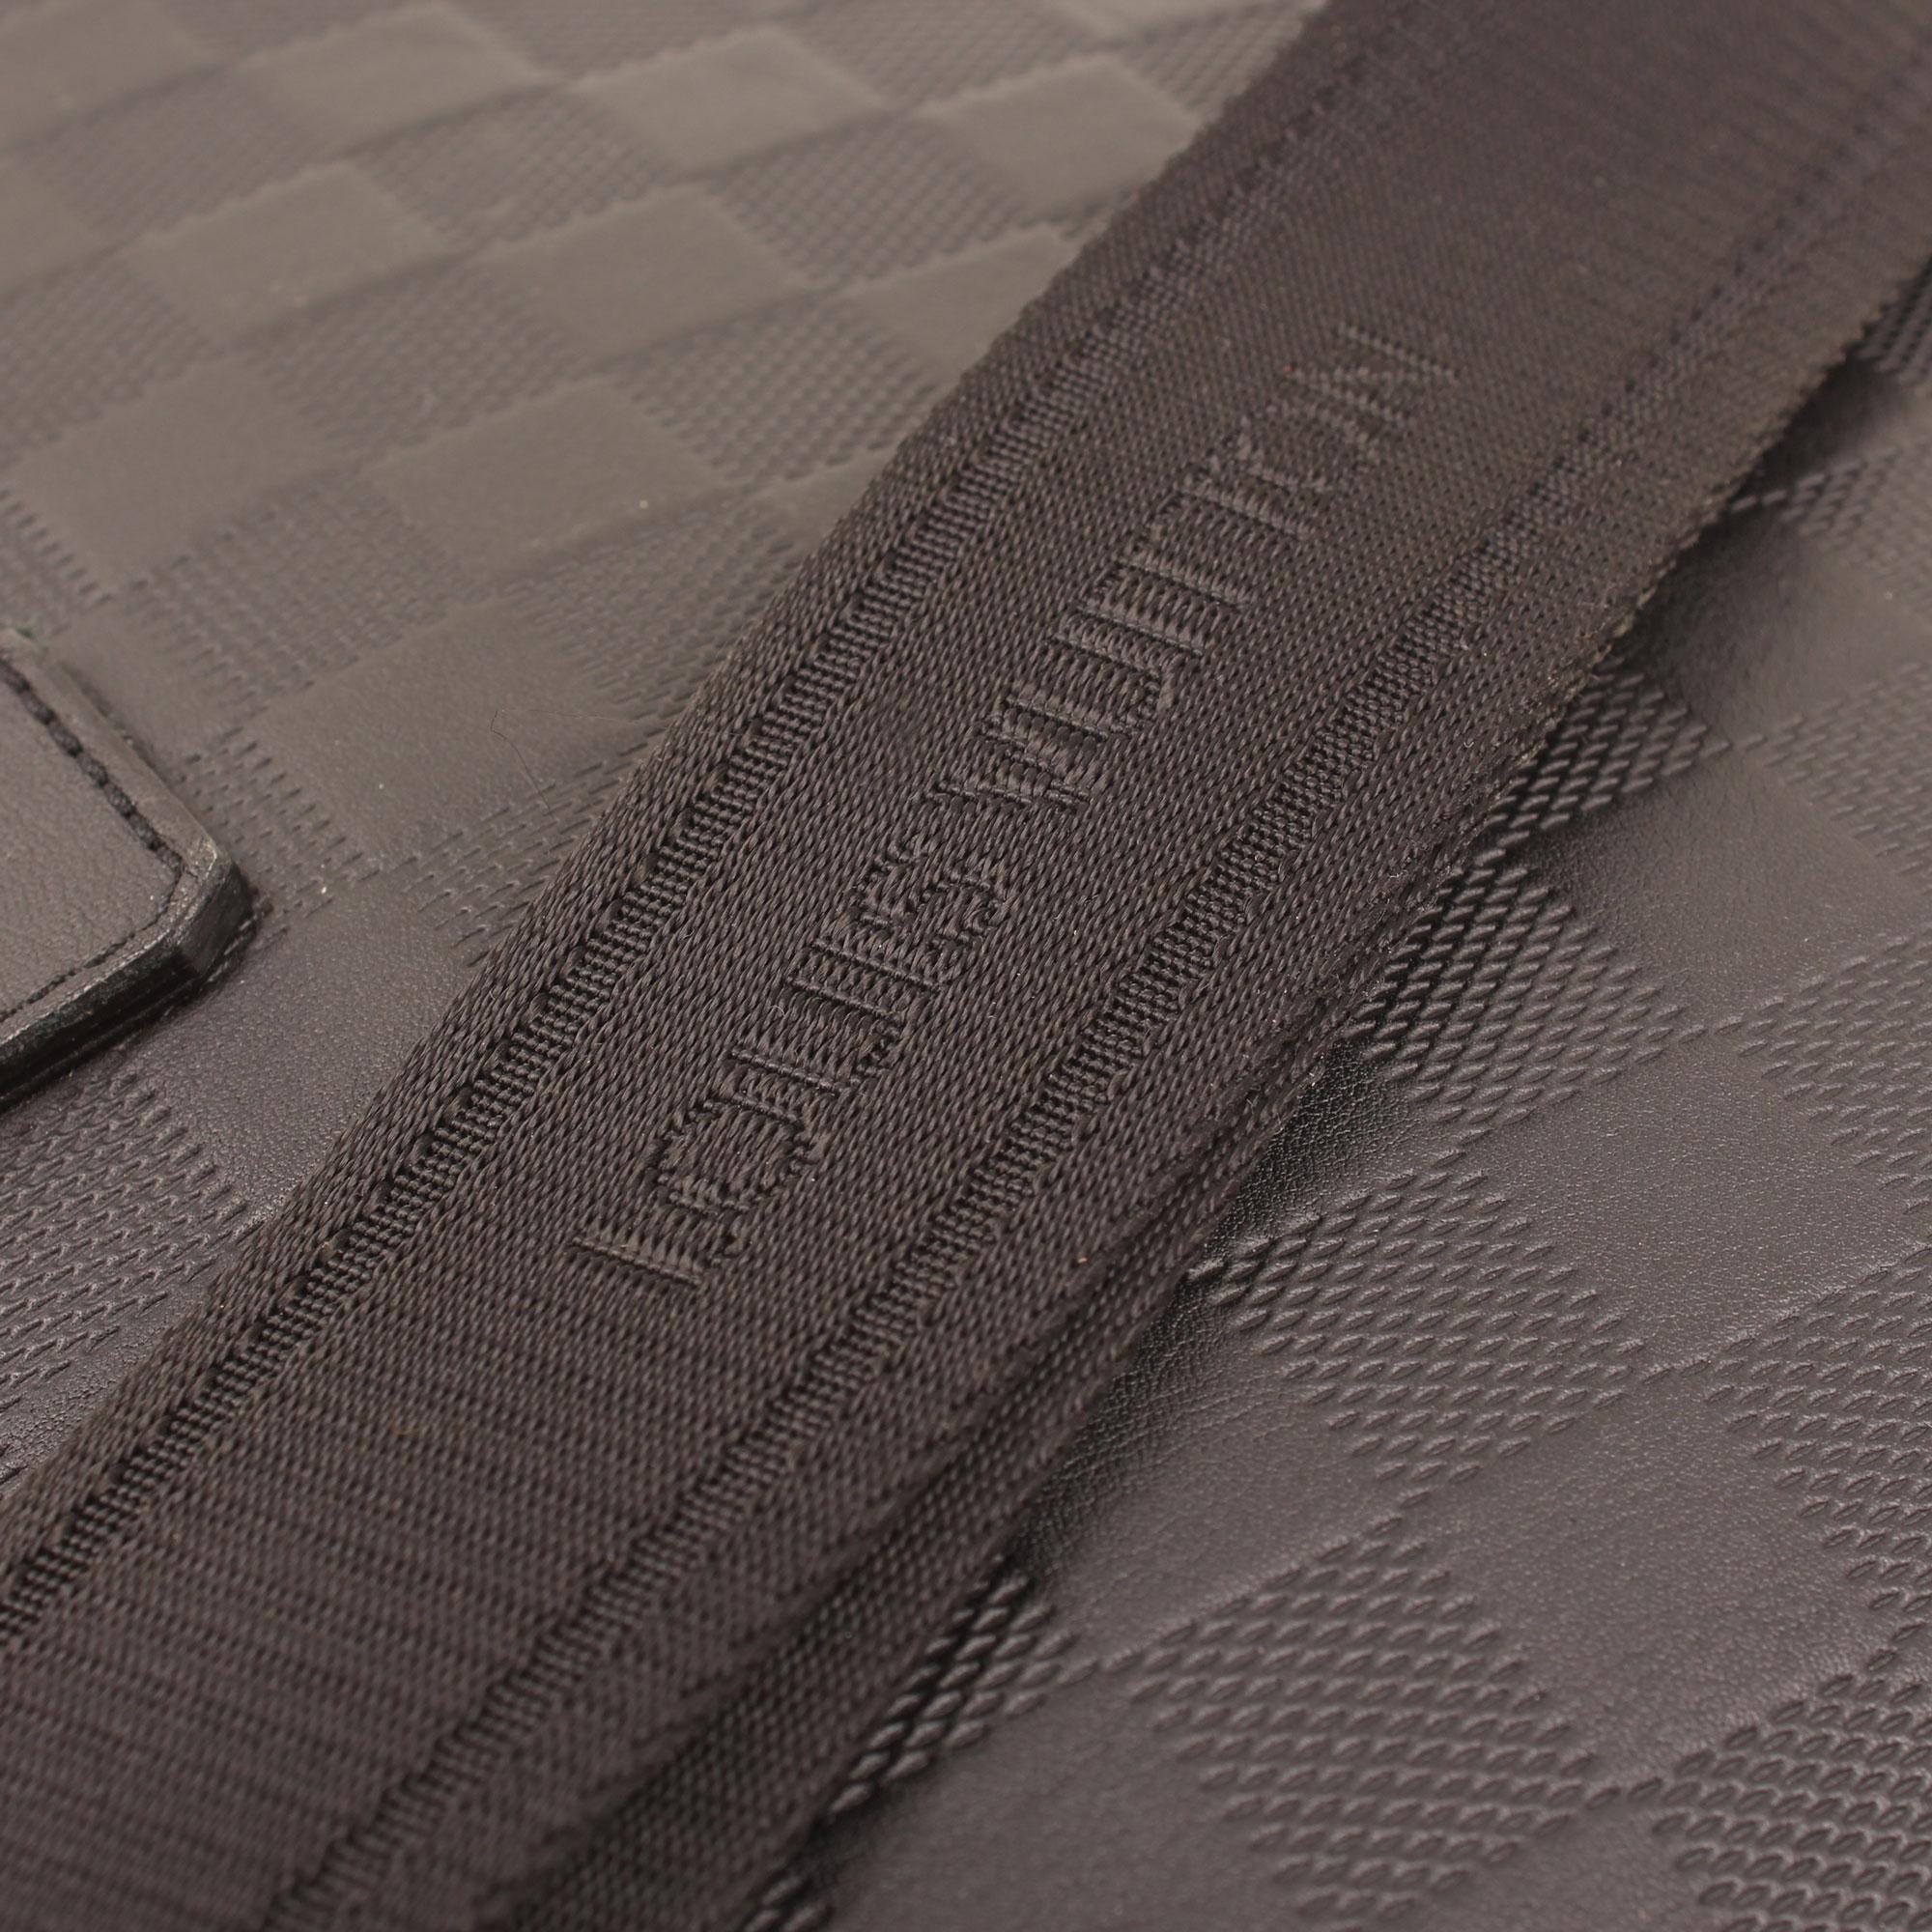 1fa65901cc7c Louis Vuitton Porte-Documents Jour Damier Infini Onyx I CBL Bags